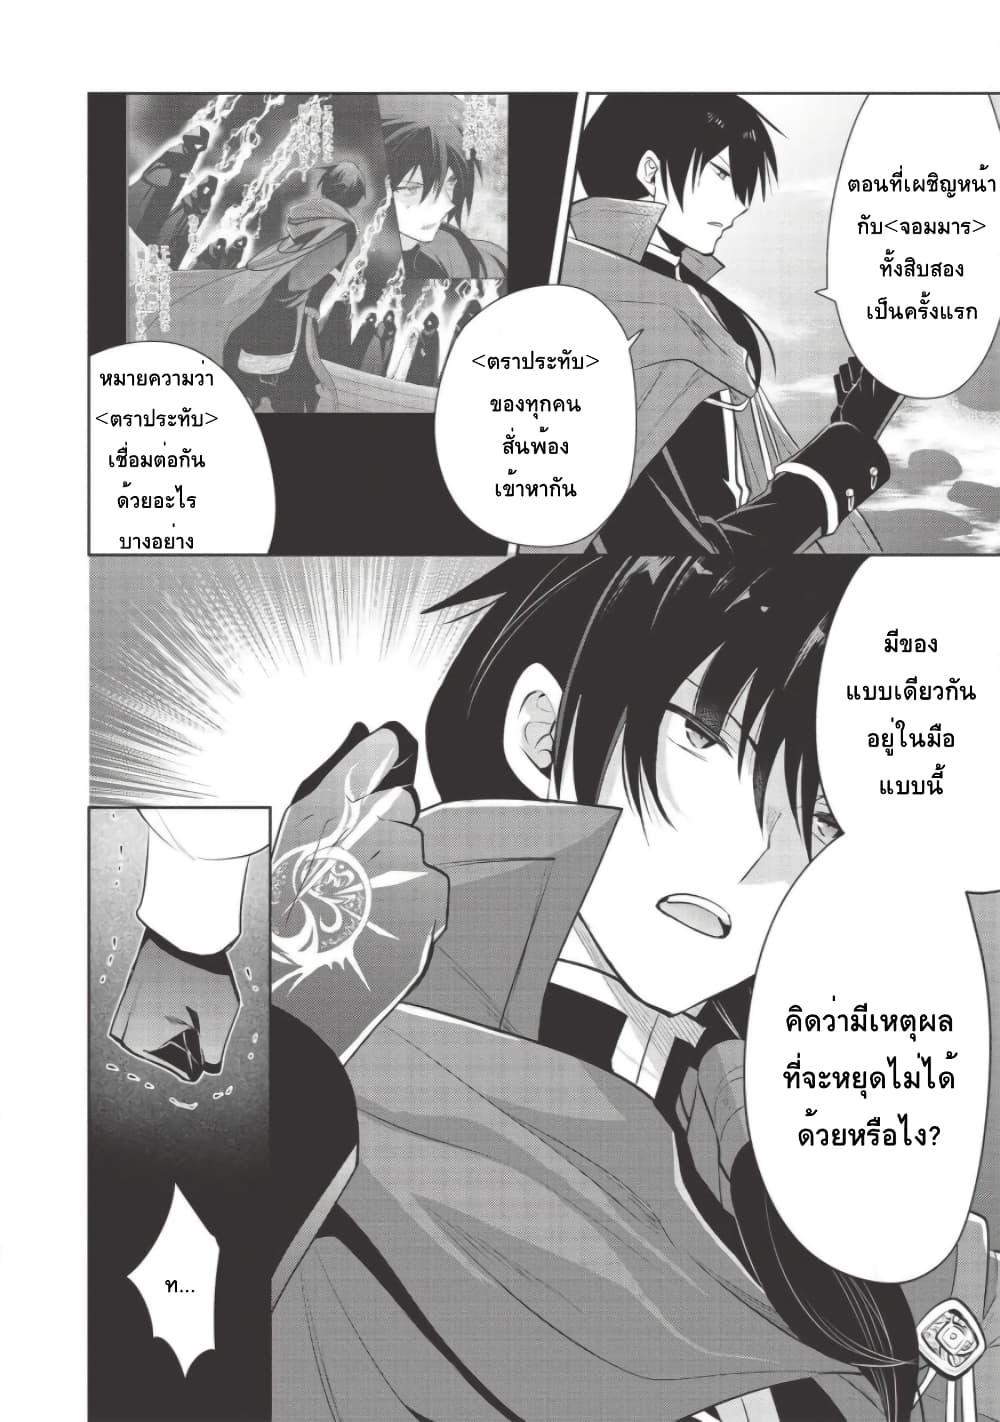 อ่านการ์ตูน Maou no Ore ga Dorei Elf wo Yome ni Shitanda ga Dou Medereba Ii ตอนที่ 30 หน้าที่ 14